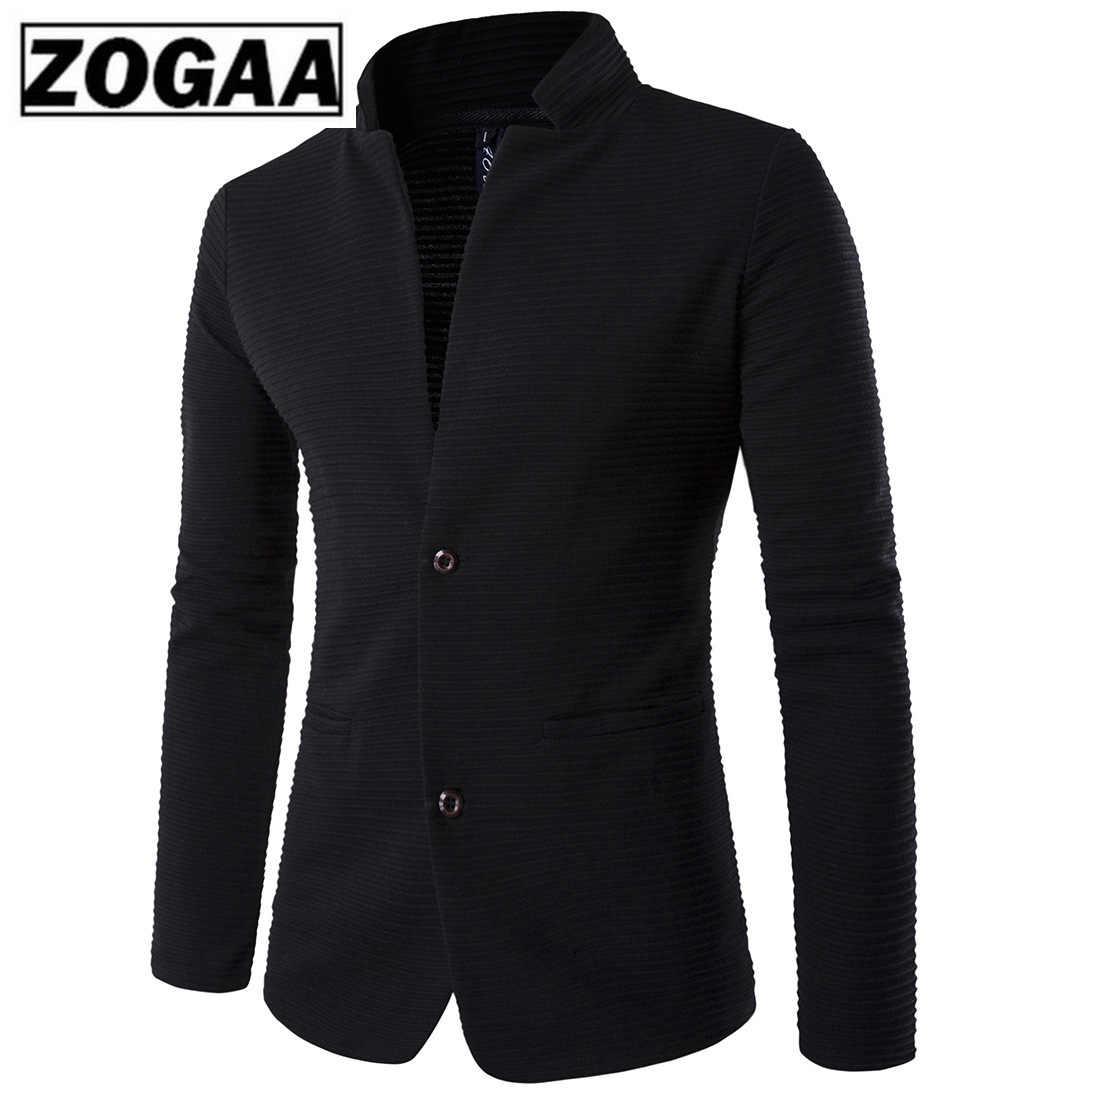 高品質男性のスーツブランドカジュアルブレザー男性ビジネススリムフィットジャケットスーツ男性ブレザーコートボタンスーツプラスサイズ